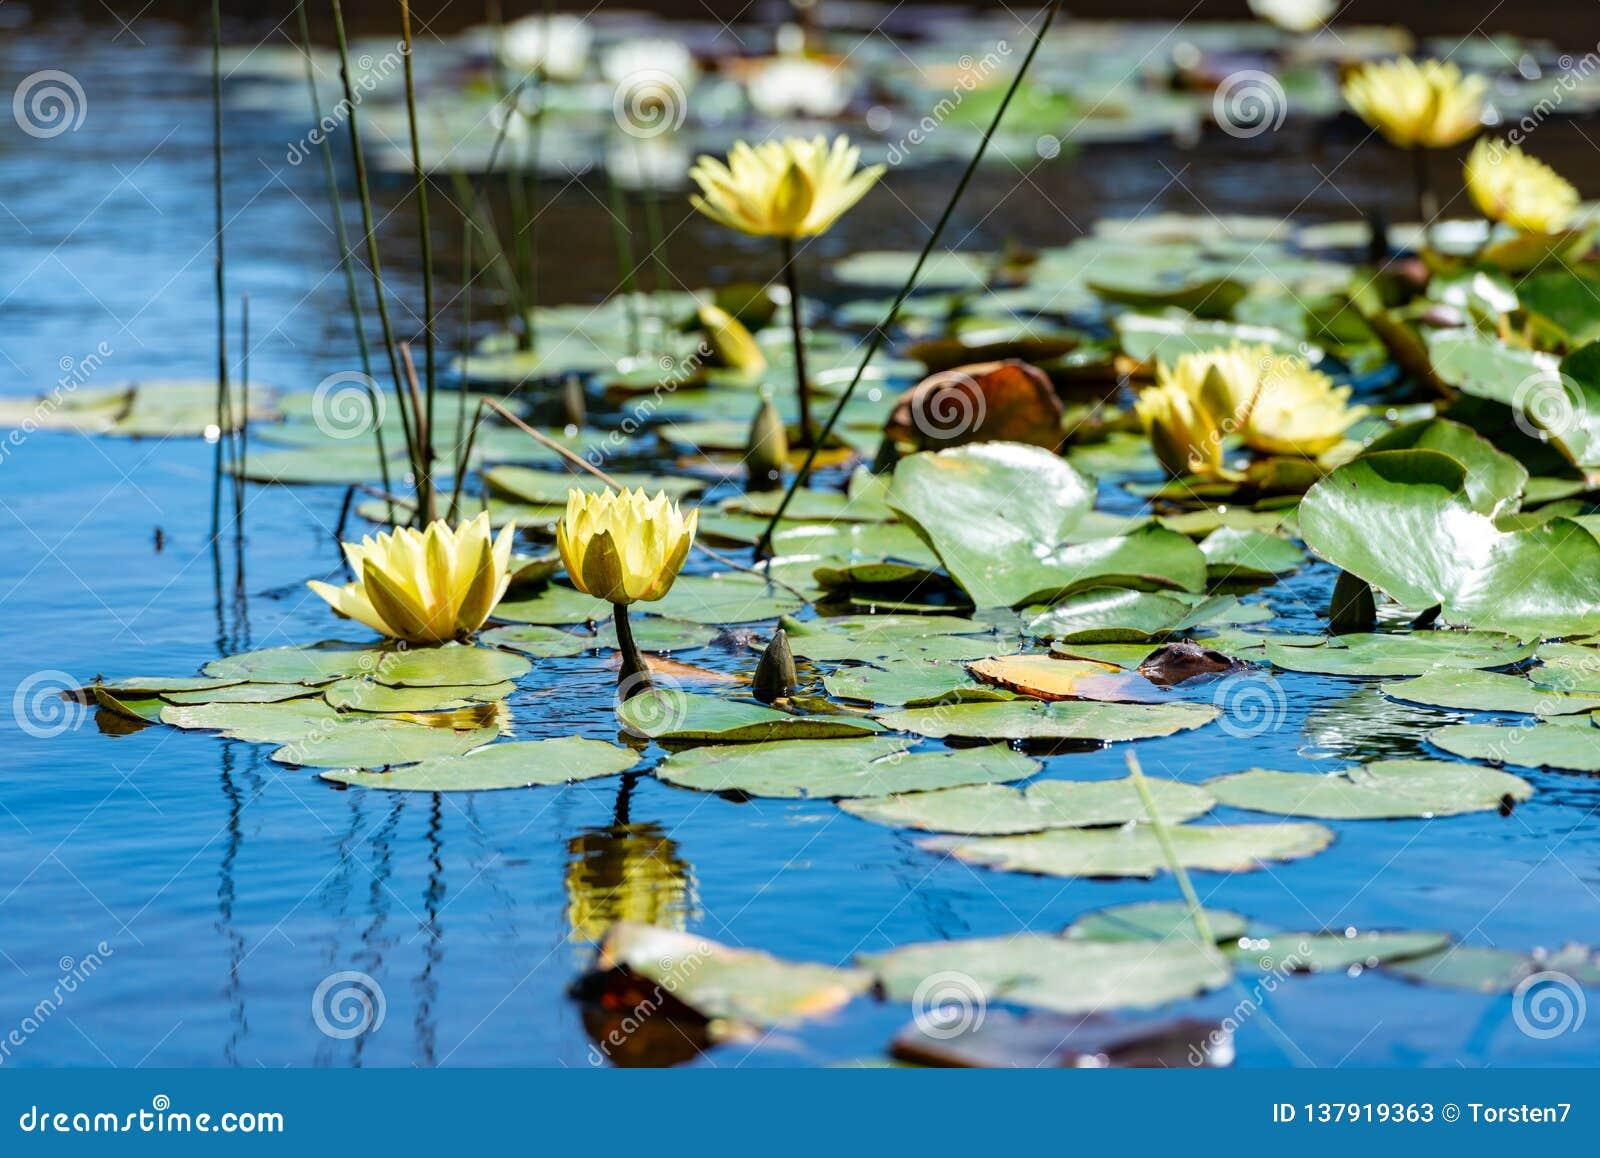 Waterlelies op een kleine vijver